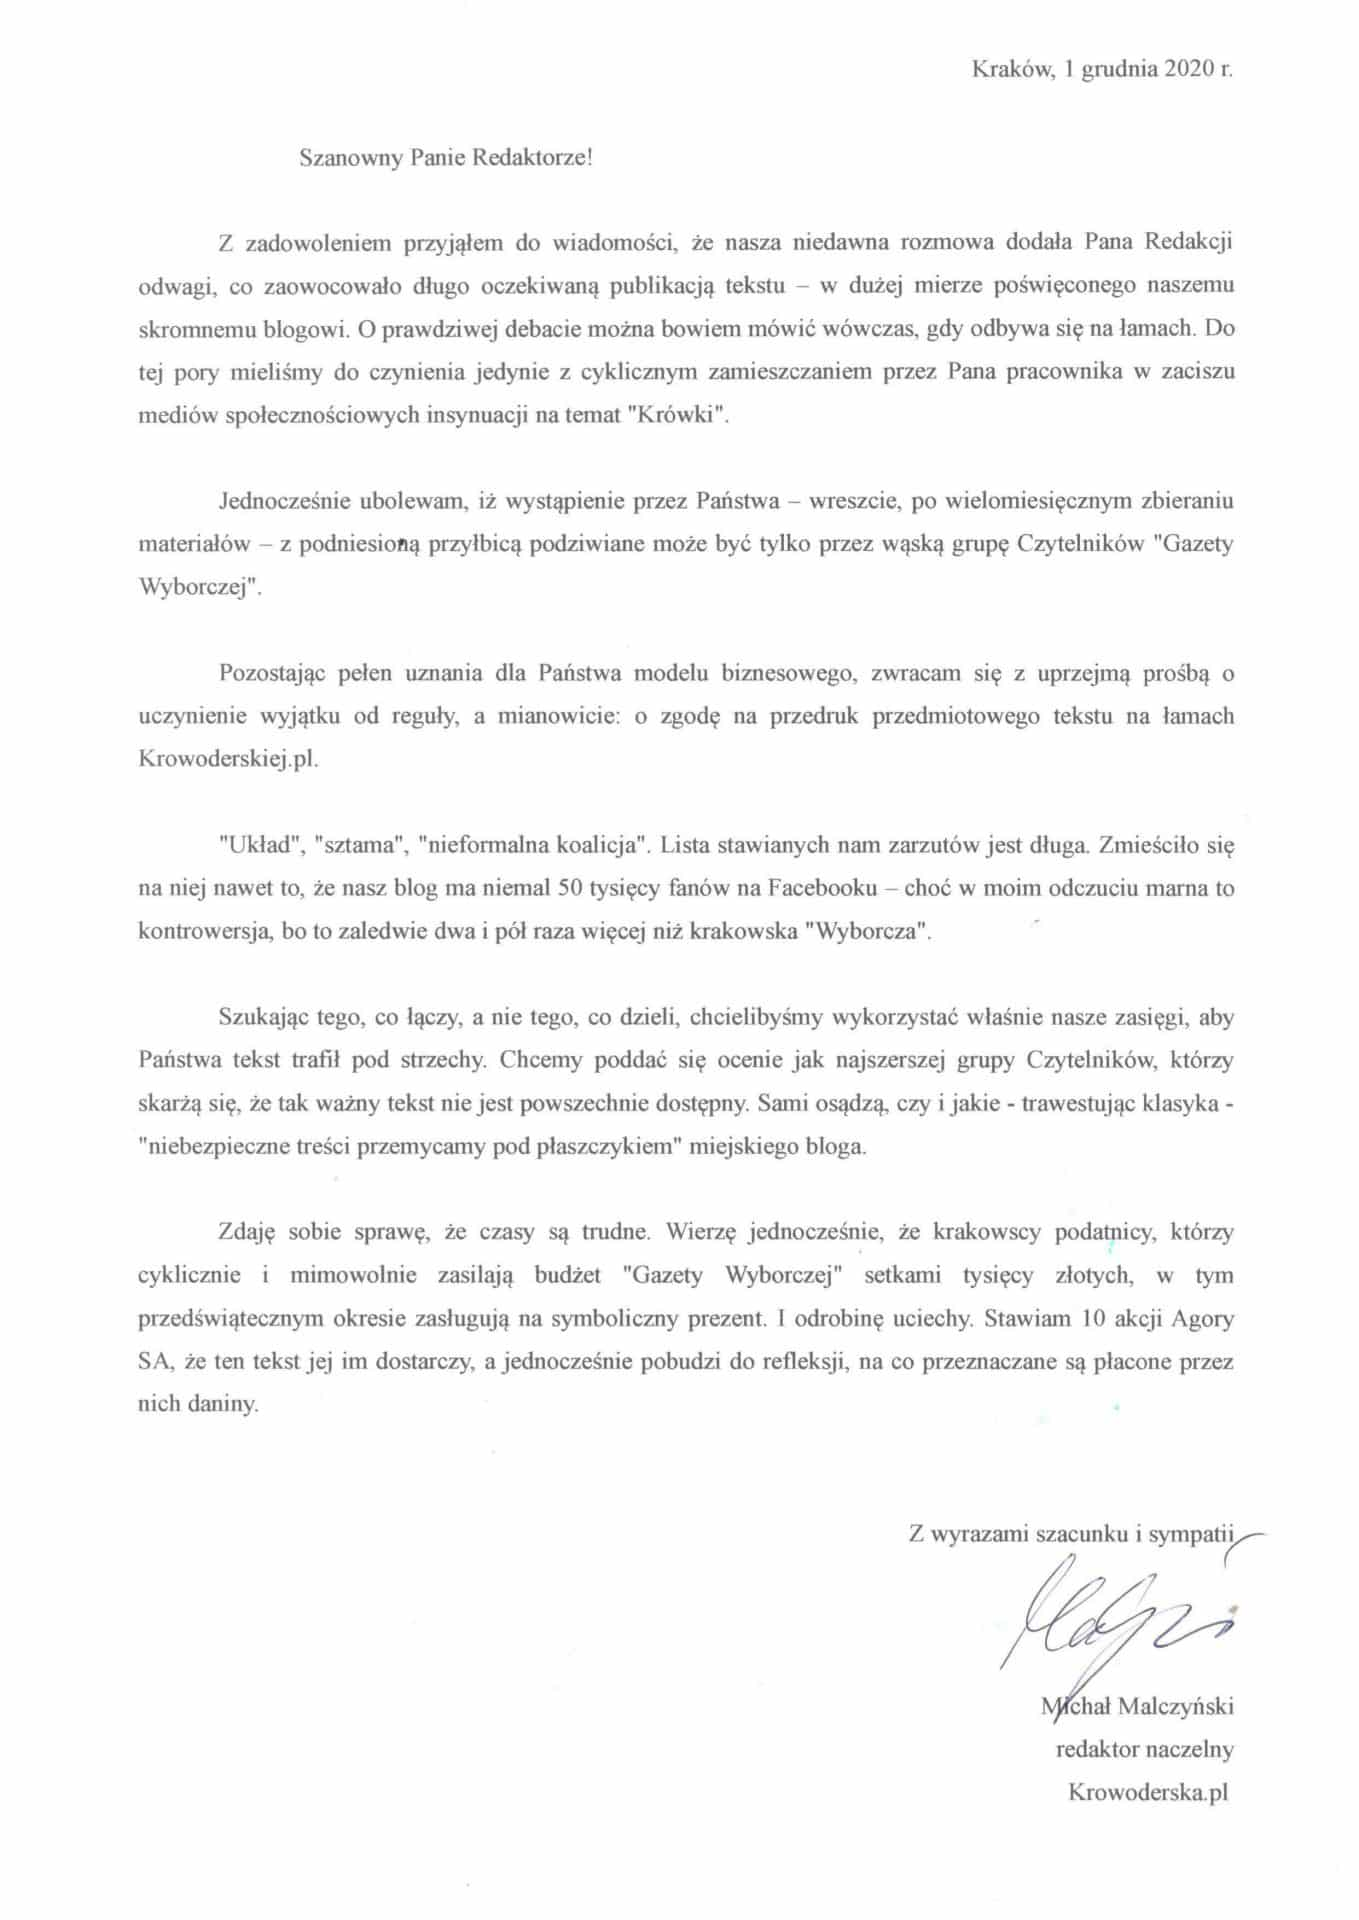 List wysłany przez redaktora naczelnego Krowoderska.pl Michała Malczyńskiego do redaktora naczelnego krakowskiej Gazety Wyborczej Michała Olszewskiego.